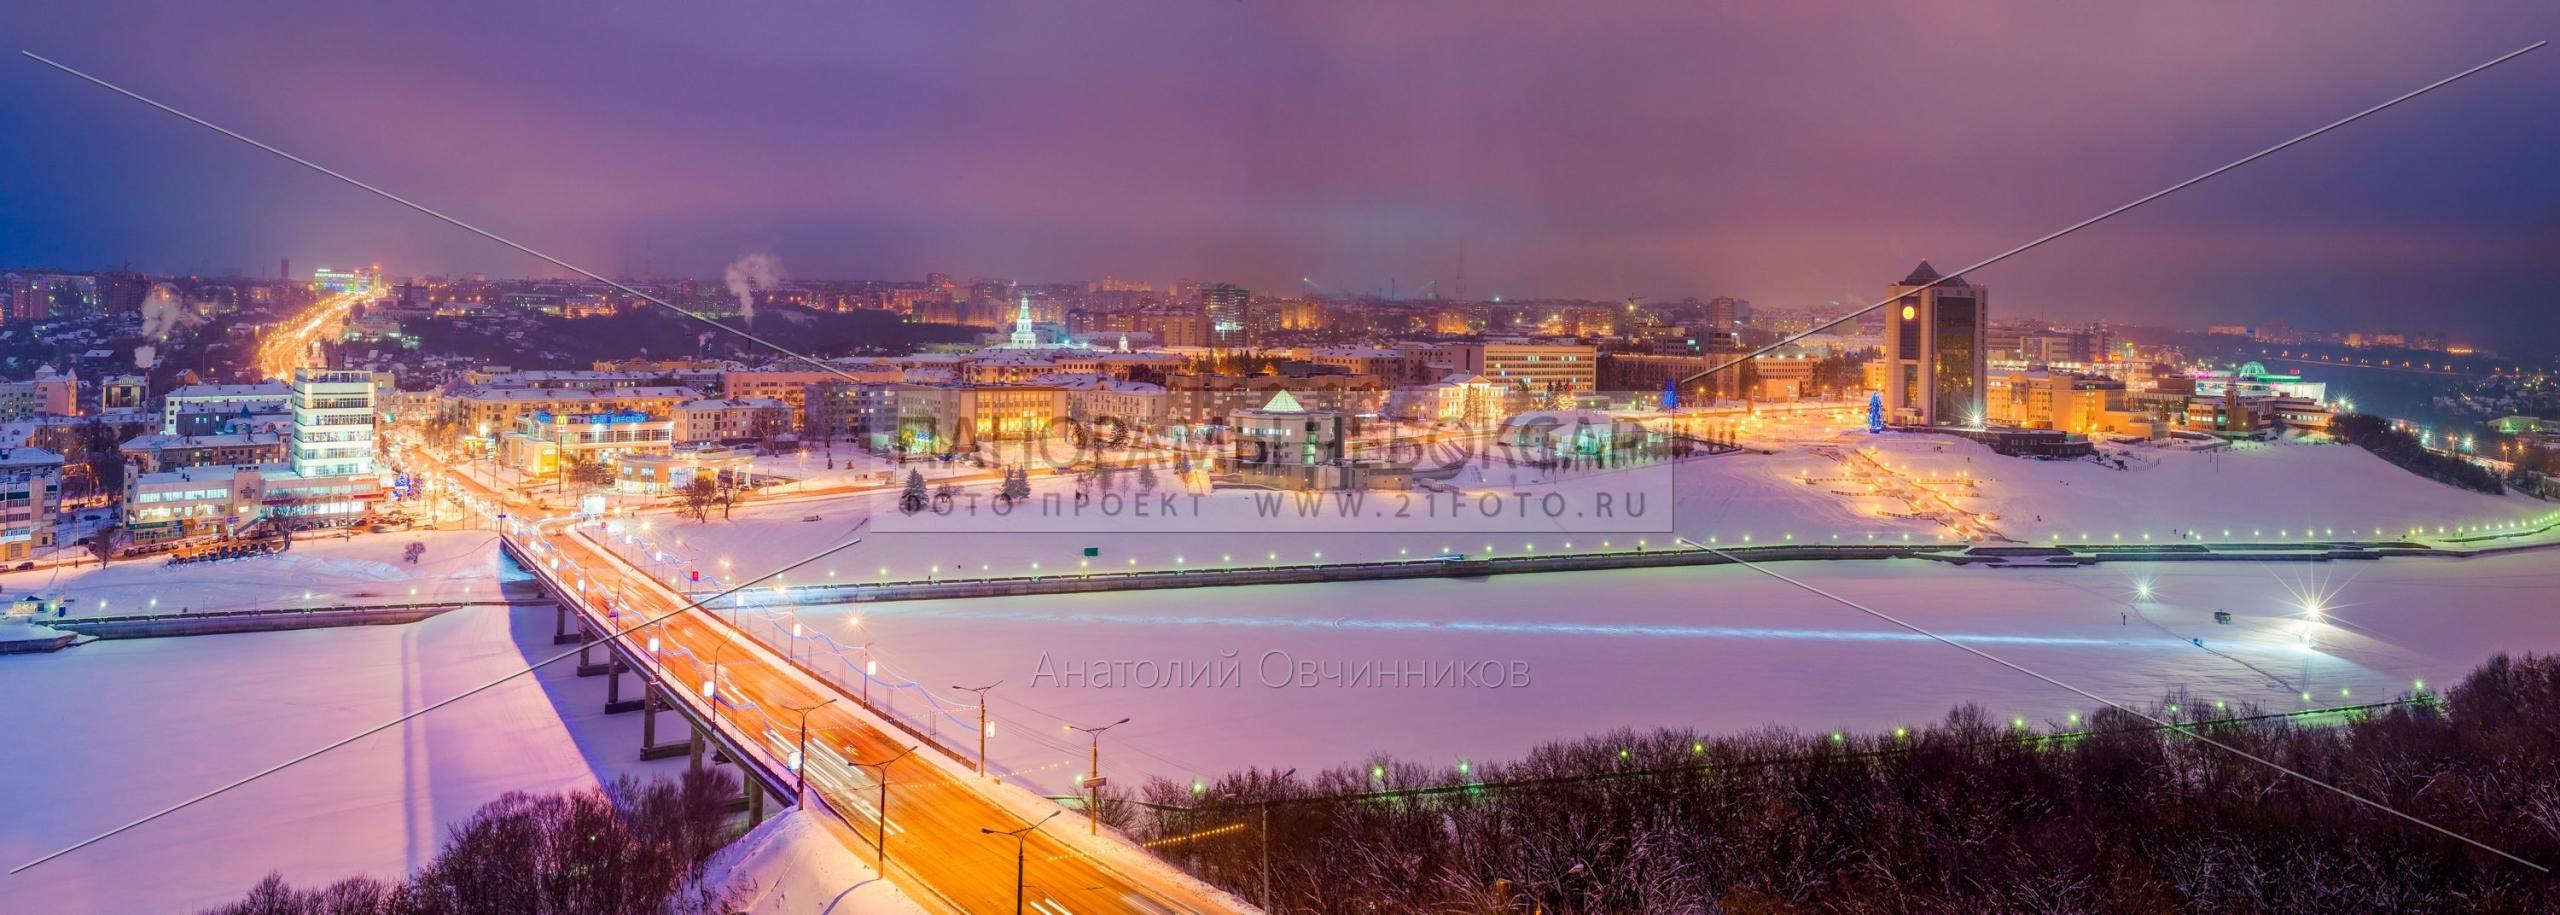 Чебоксарский залив с Одис отеля